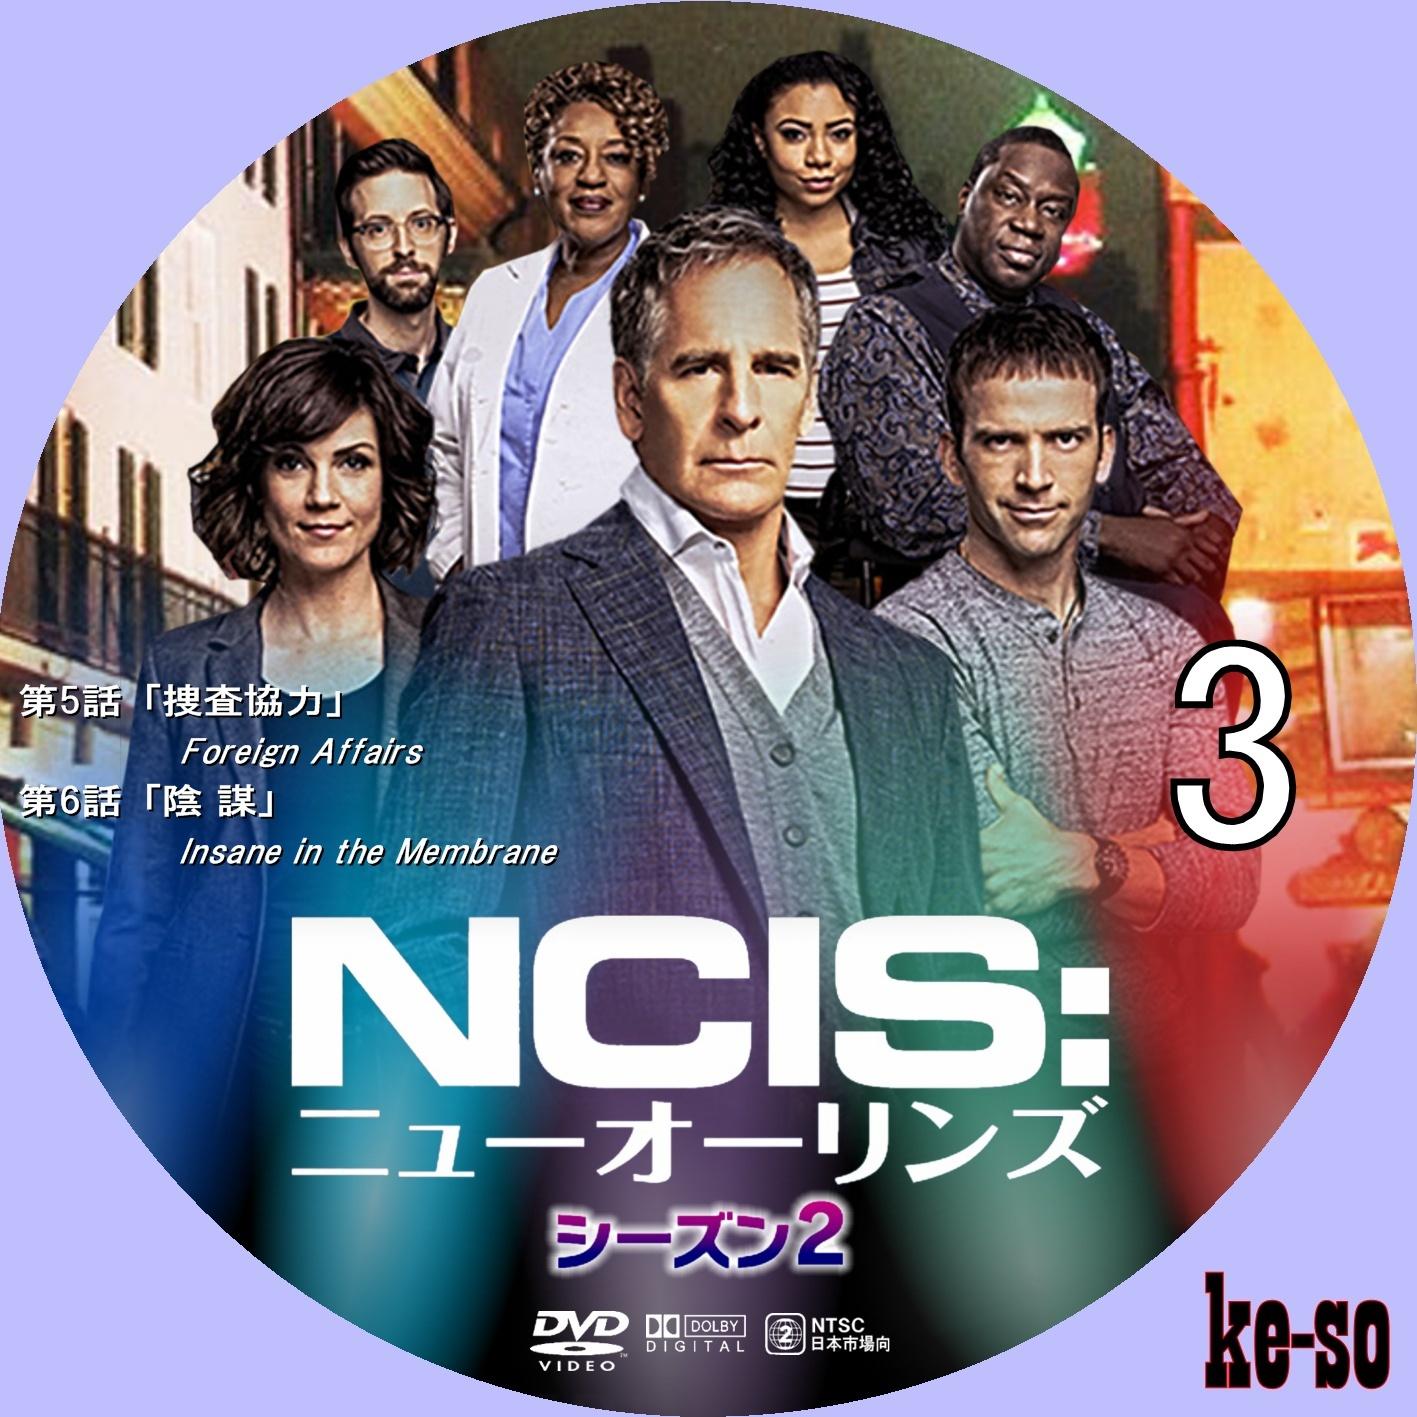 メジャーじゃないDVDラベル NCIS:ニューオーリンズ シーズン2